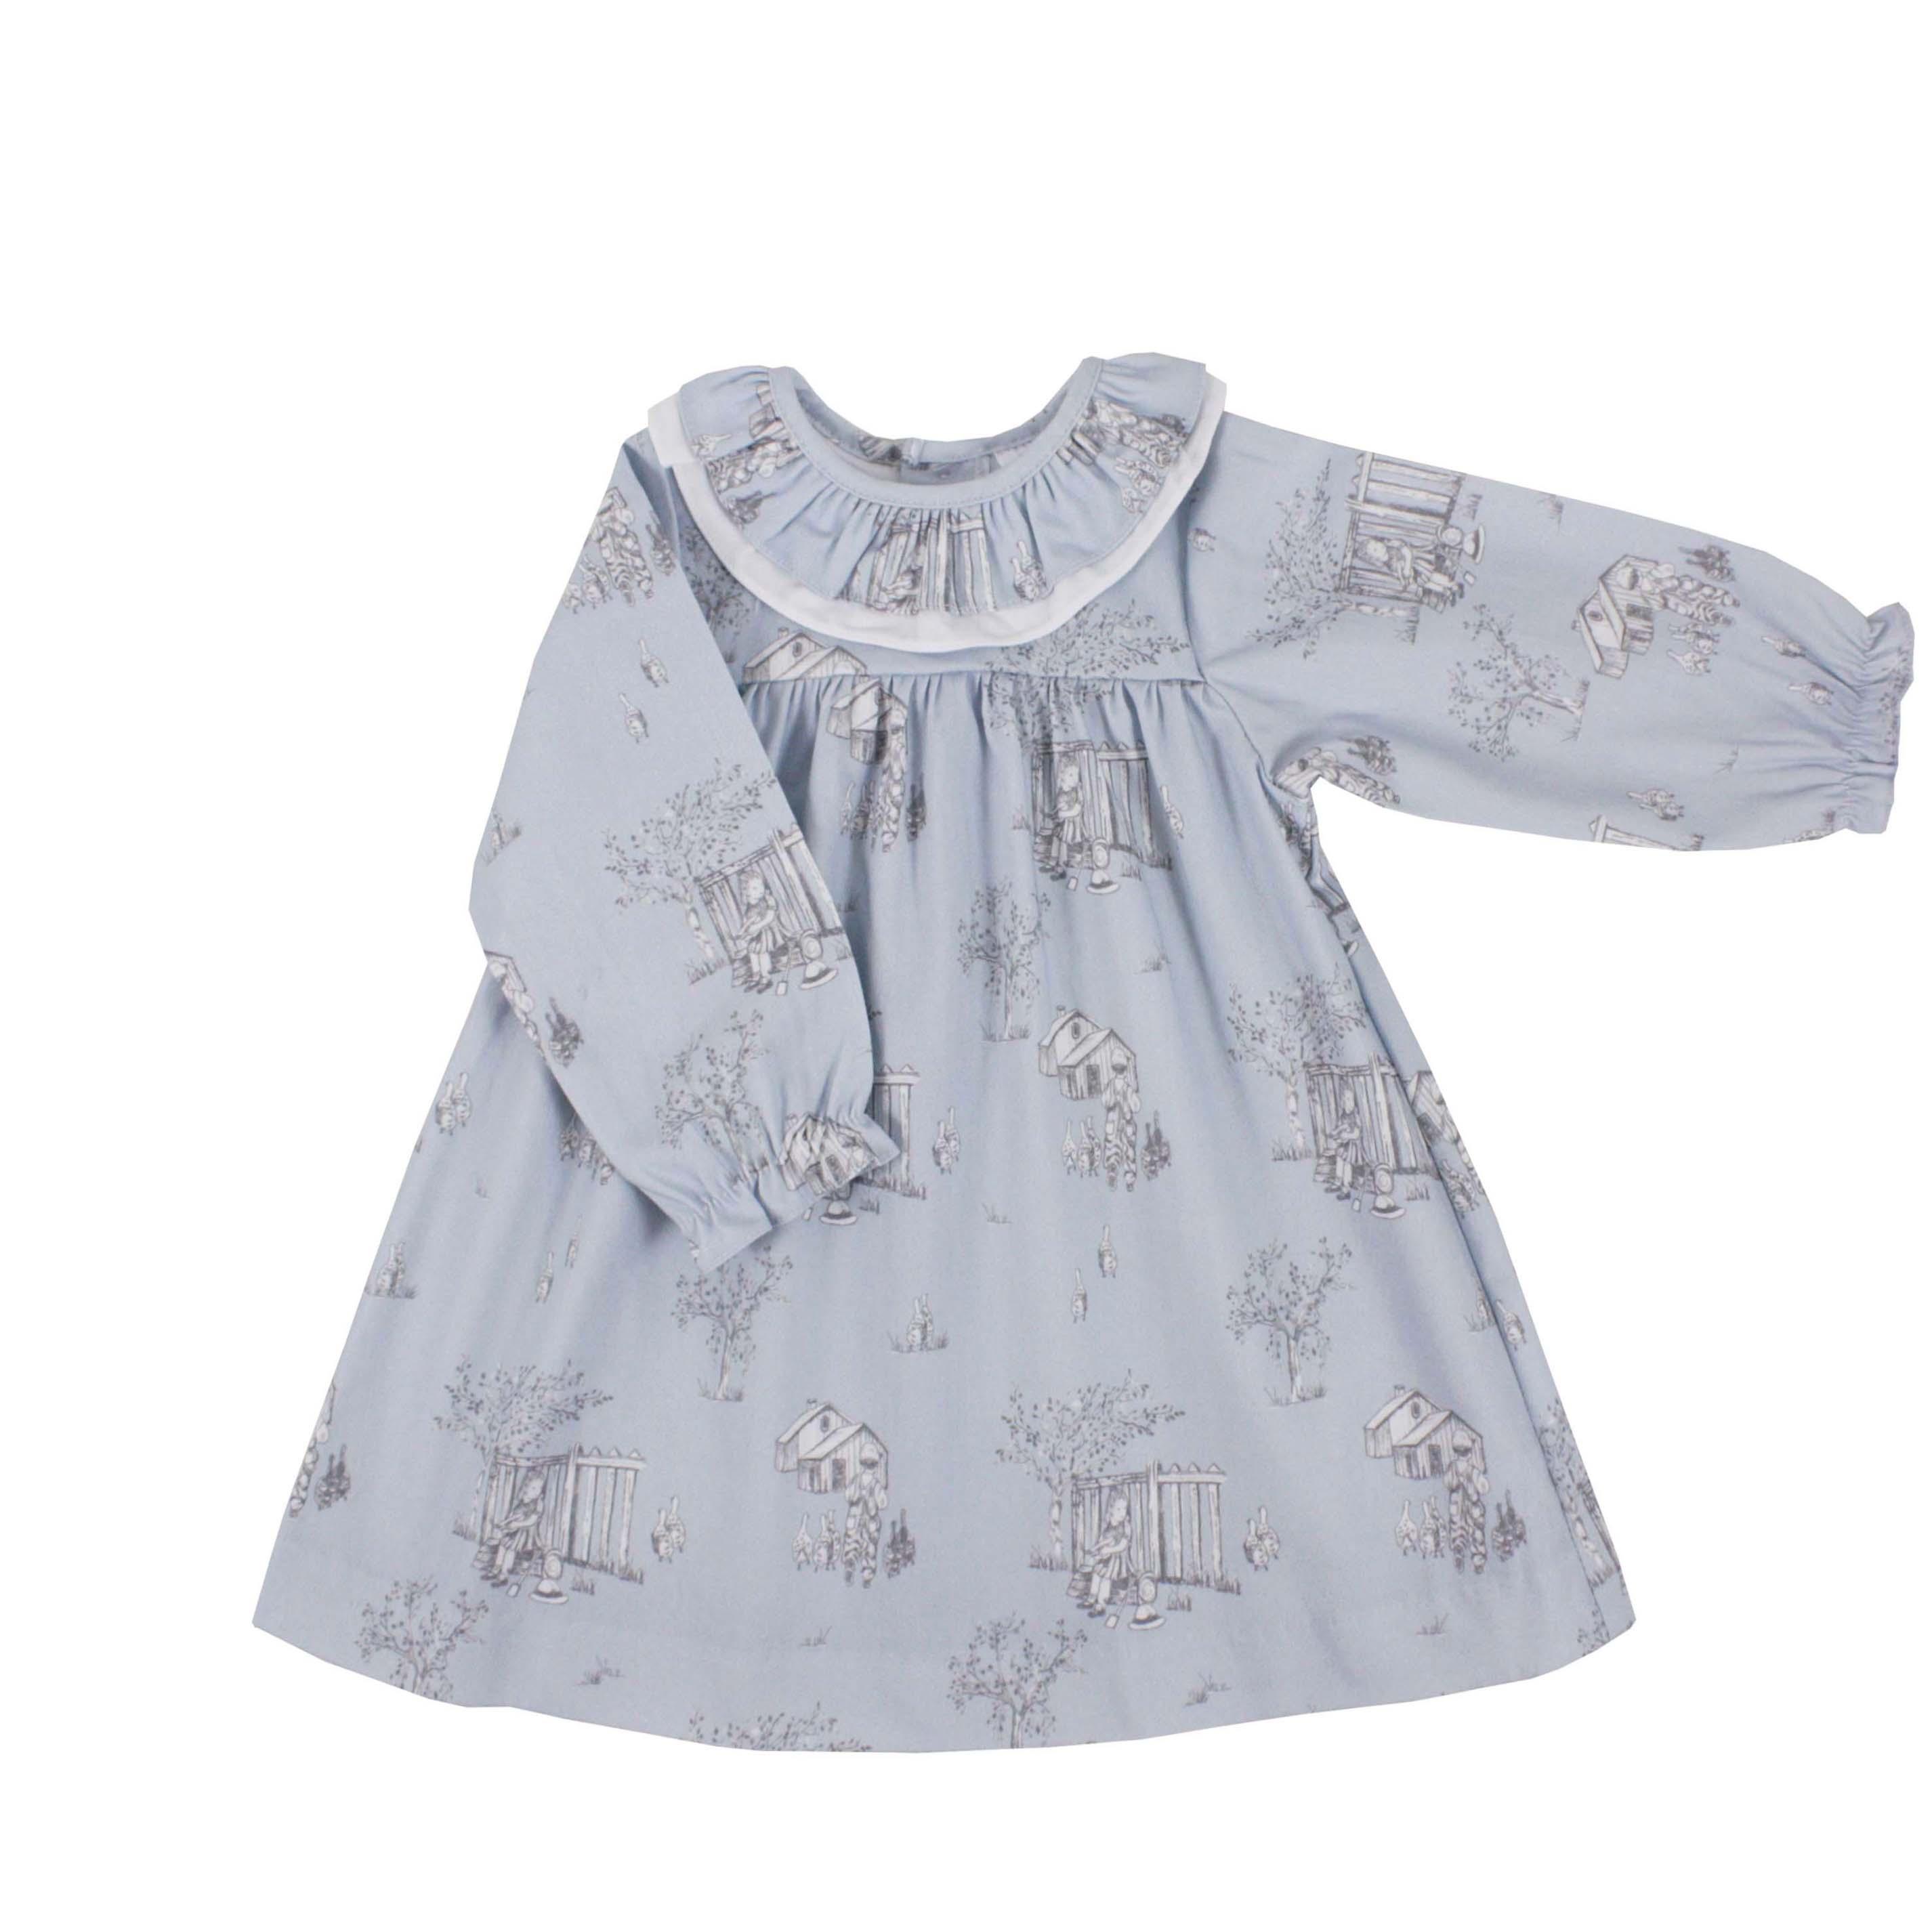 91835dcc4 Vestido niña manga larga estampado toile azul. Modelo Rebeca